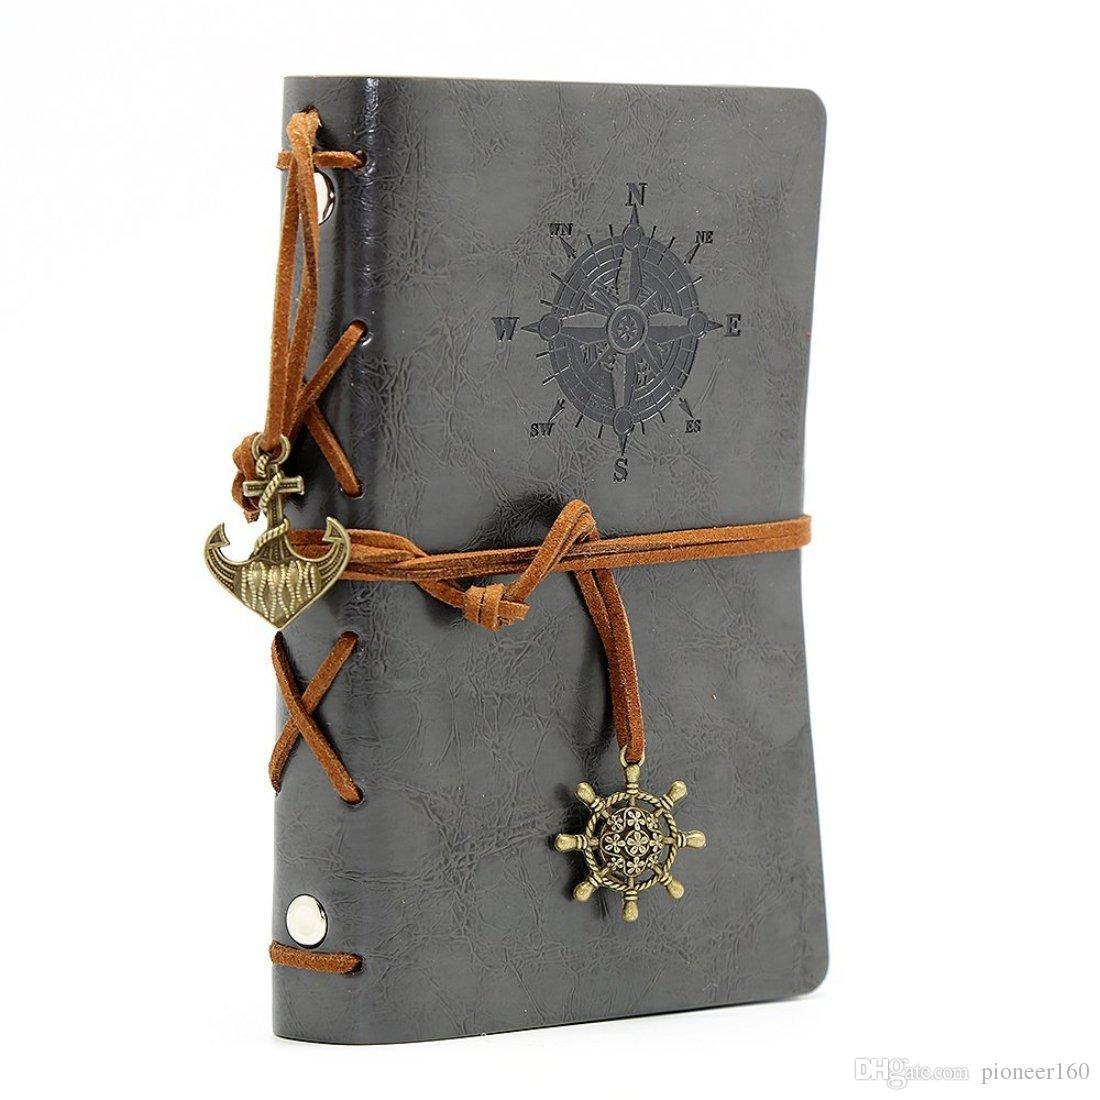 Leder Notizbuch Notizbuch Jahrgang nautische Spirale Blank 6 Ringbuch String täglich Notizblock Reisen in ungefüttertem Papier grau zu schreiben